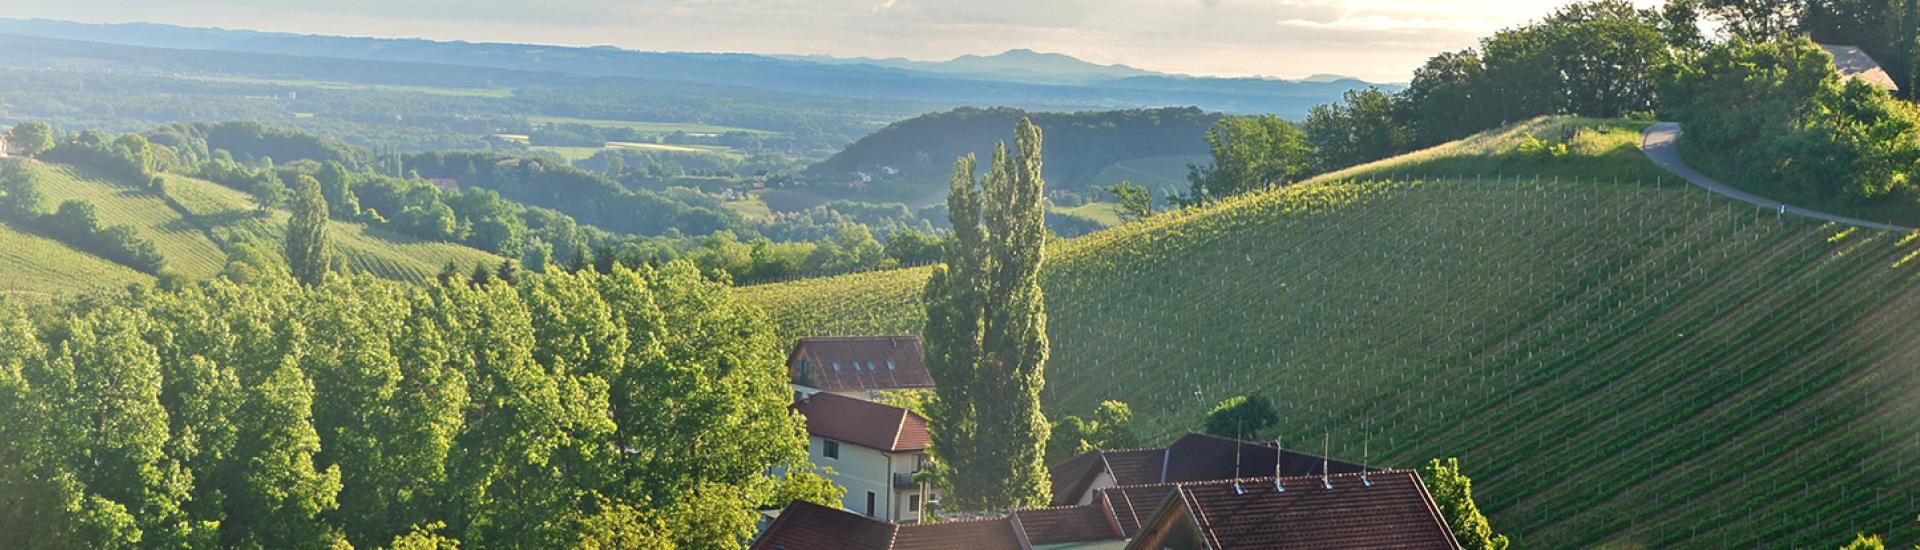 Weine - THERESE is back! Kultwein vom Weingut Polz wieder erhältlich! 05/2018 - Slider